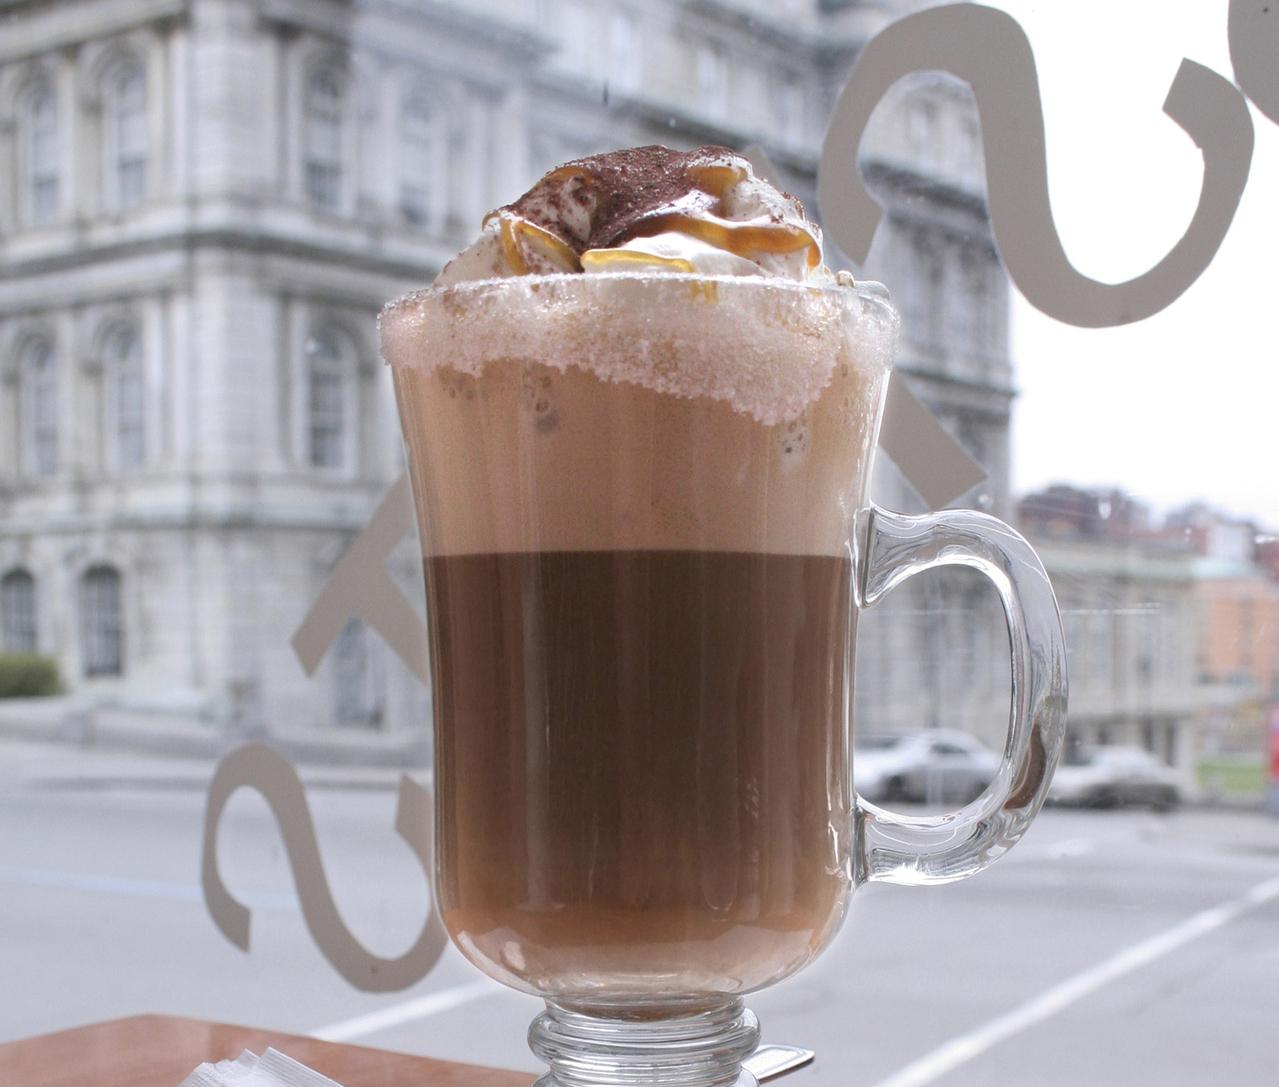 Hea kohvi aluseks on õigesti vahustatud piim